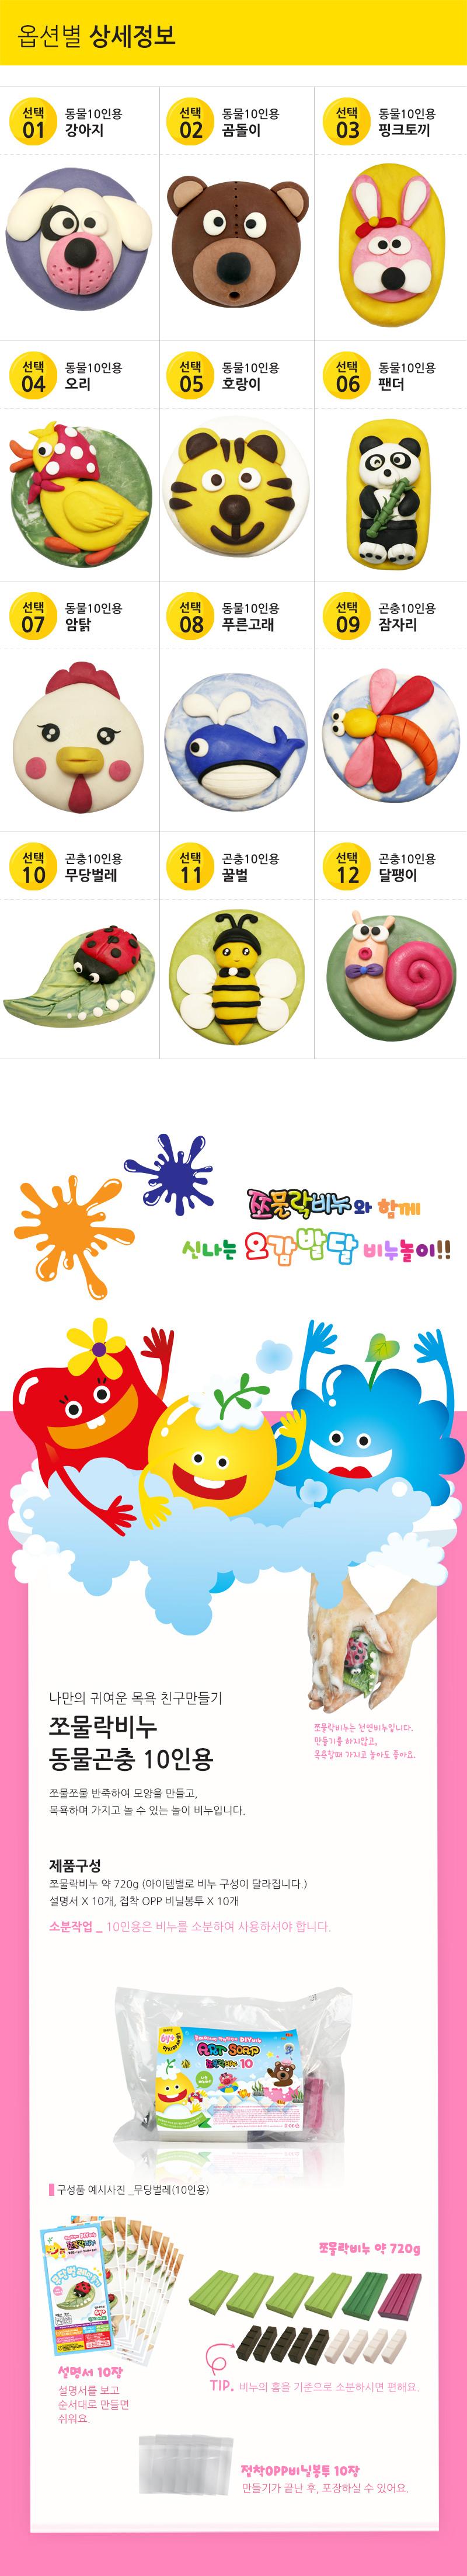 비누클레이-아트솝클레이-동물곤충 비누 만들기 (10인용) - 쪼물락비누, 26,000원, 비누공예, 비누공예패키지